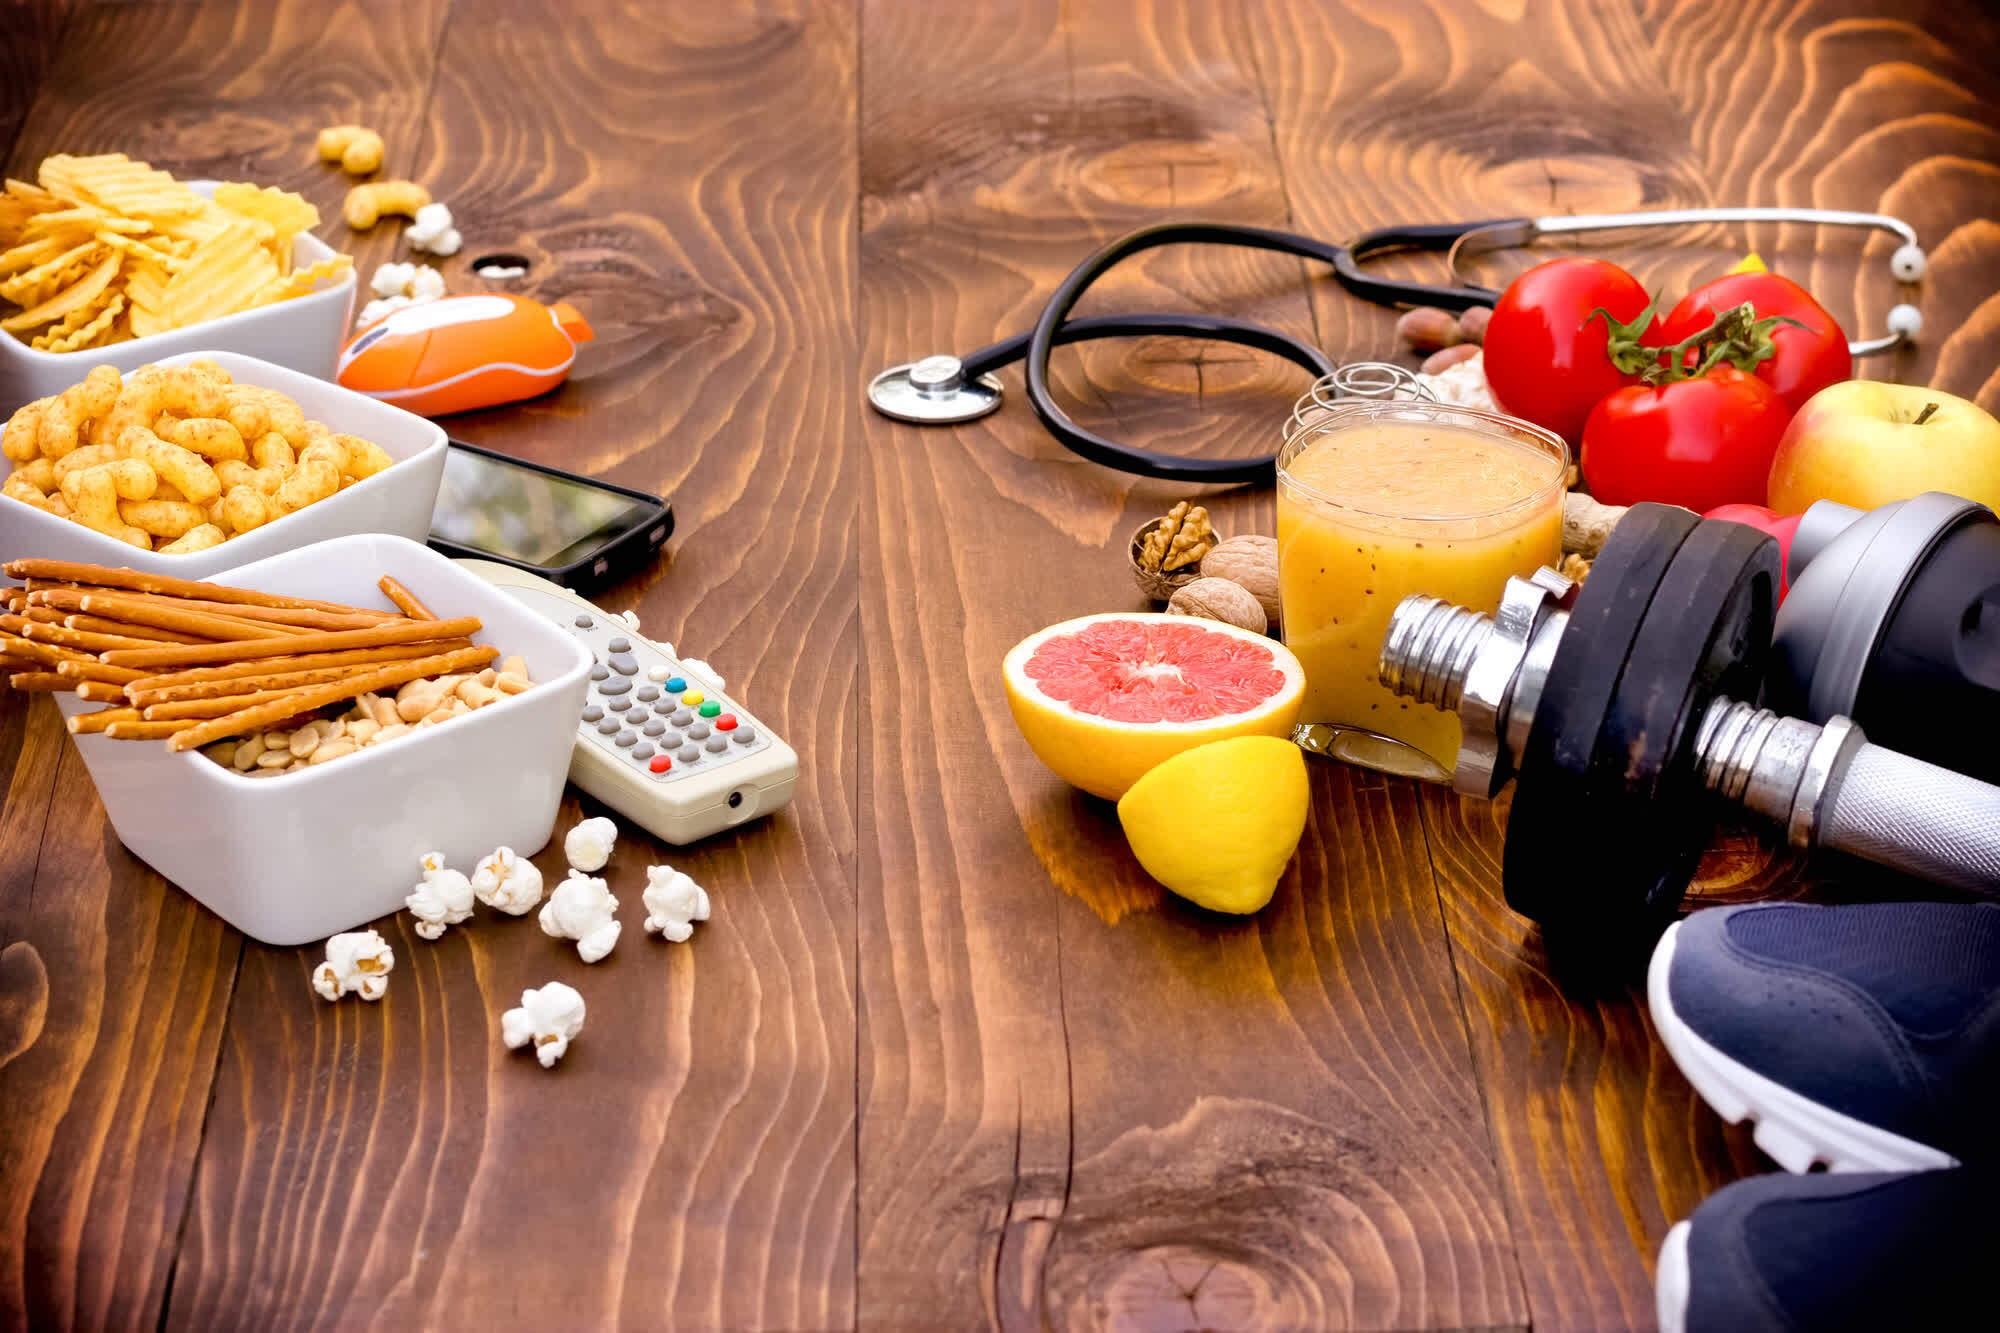 вредные привычки и полезные привычки